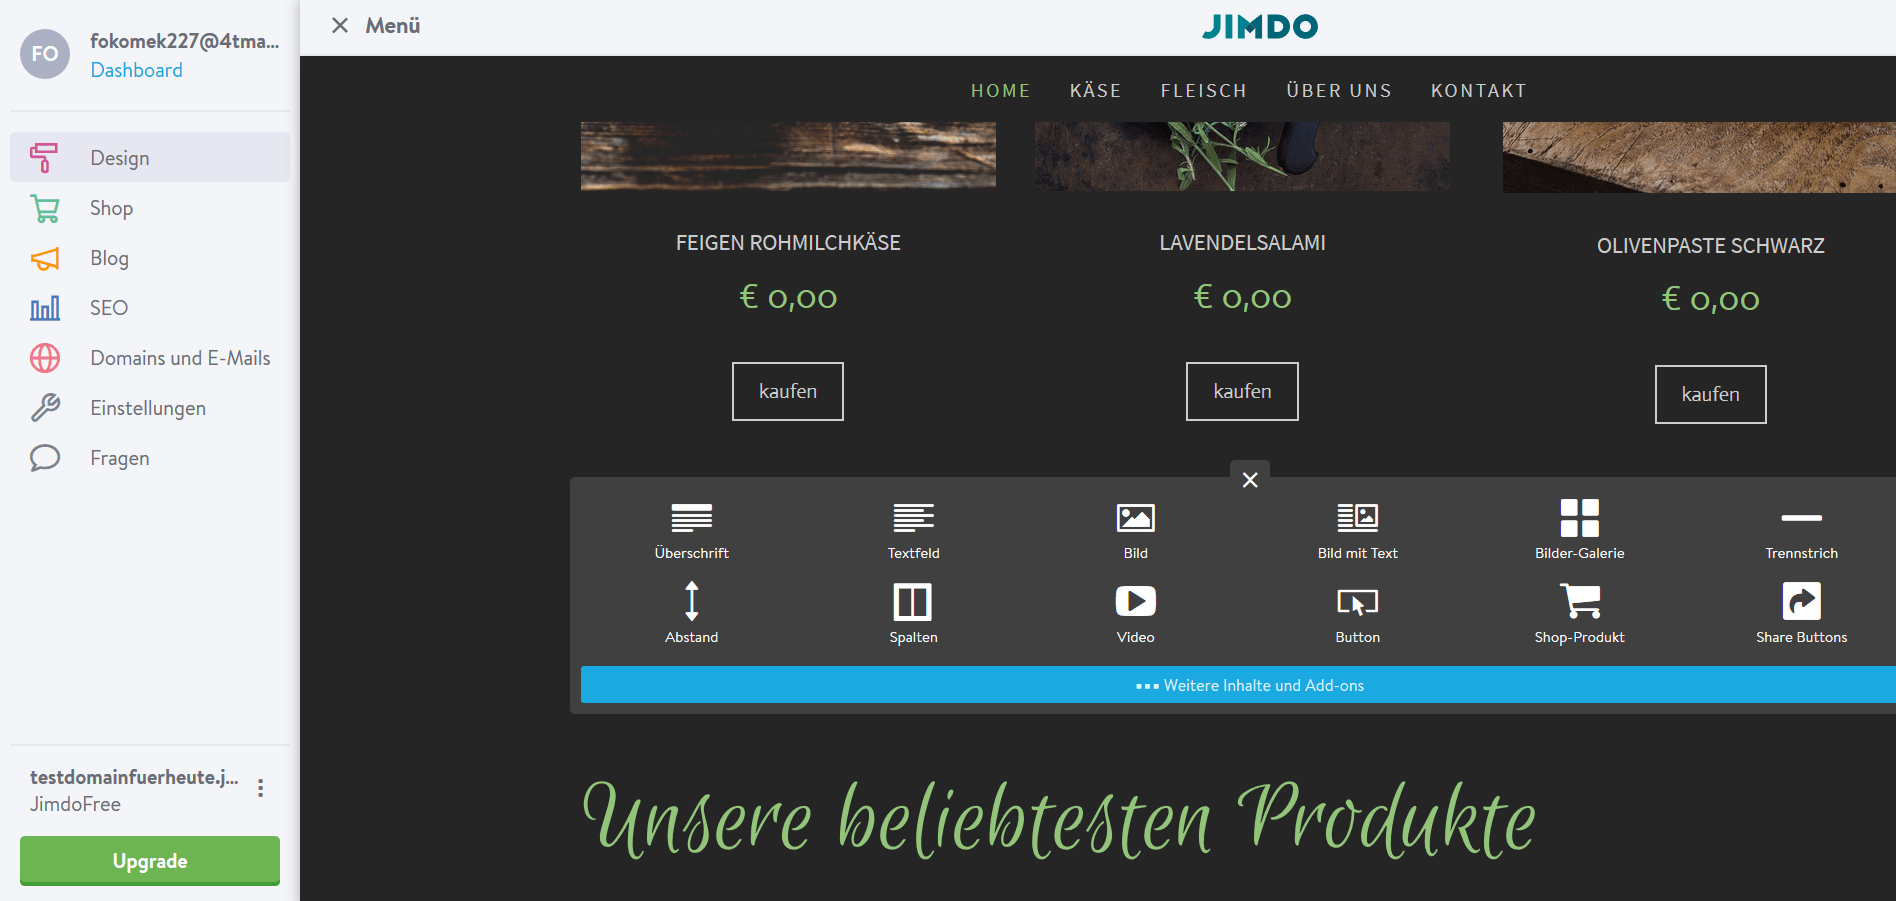 Jimdo Website Baukasten Test: Schritt 6.1